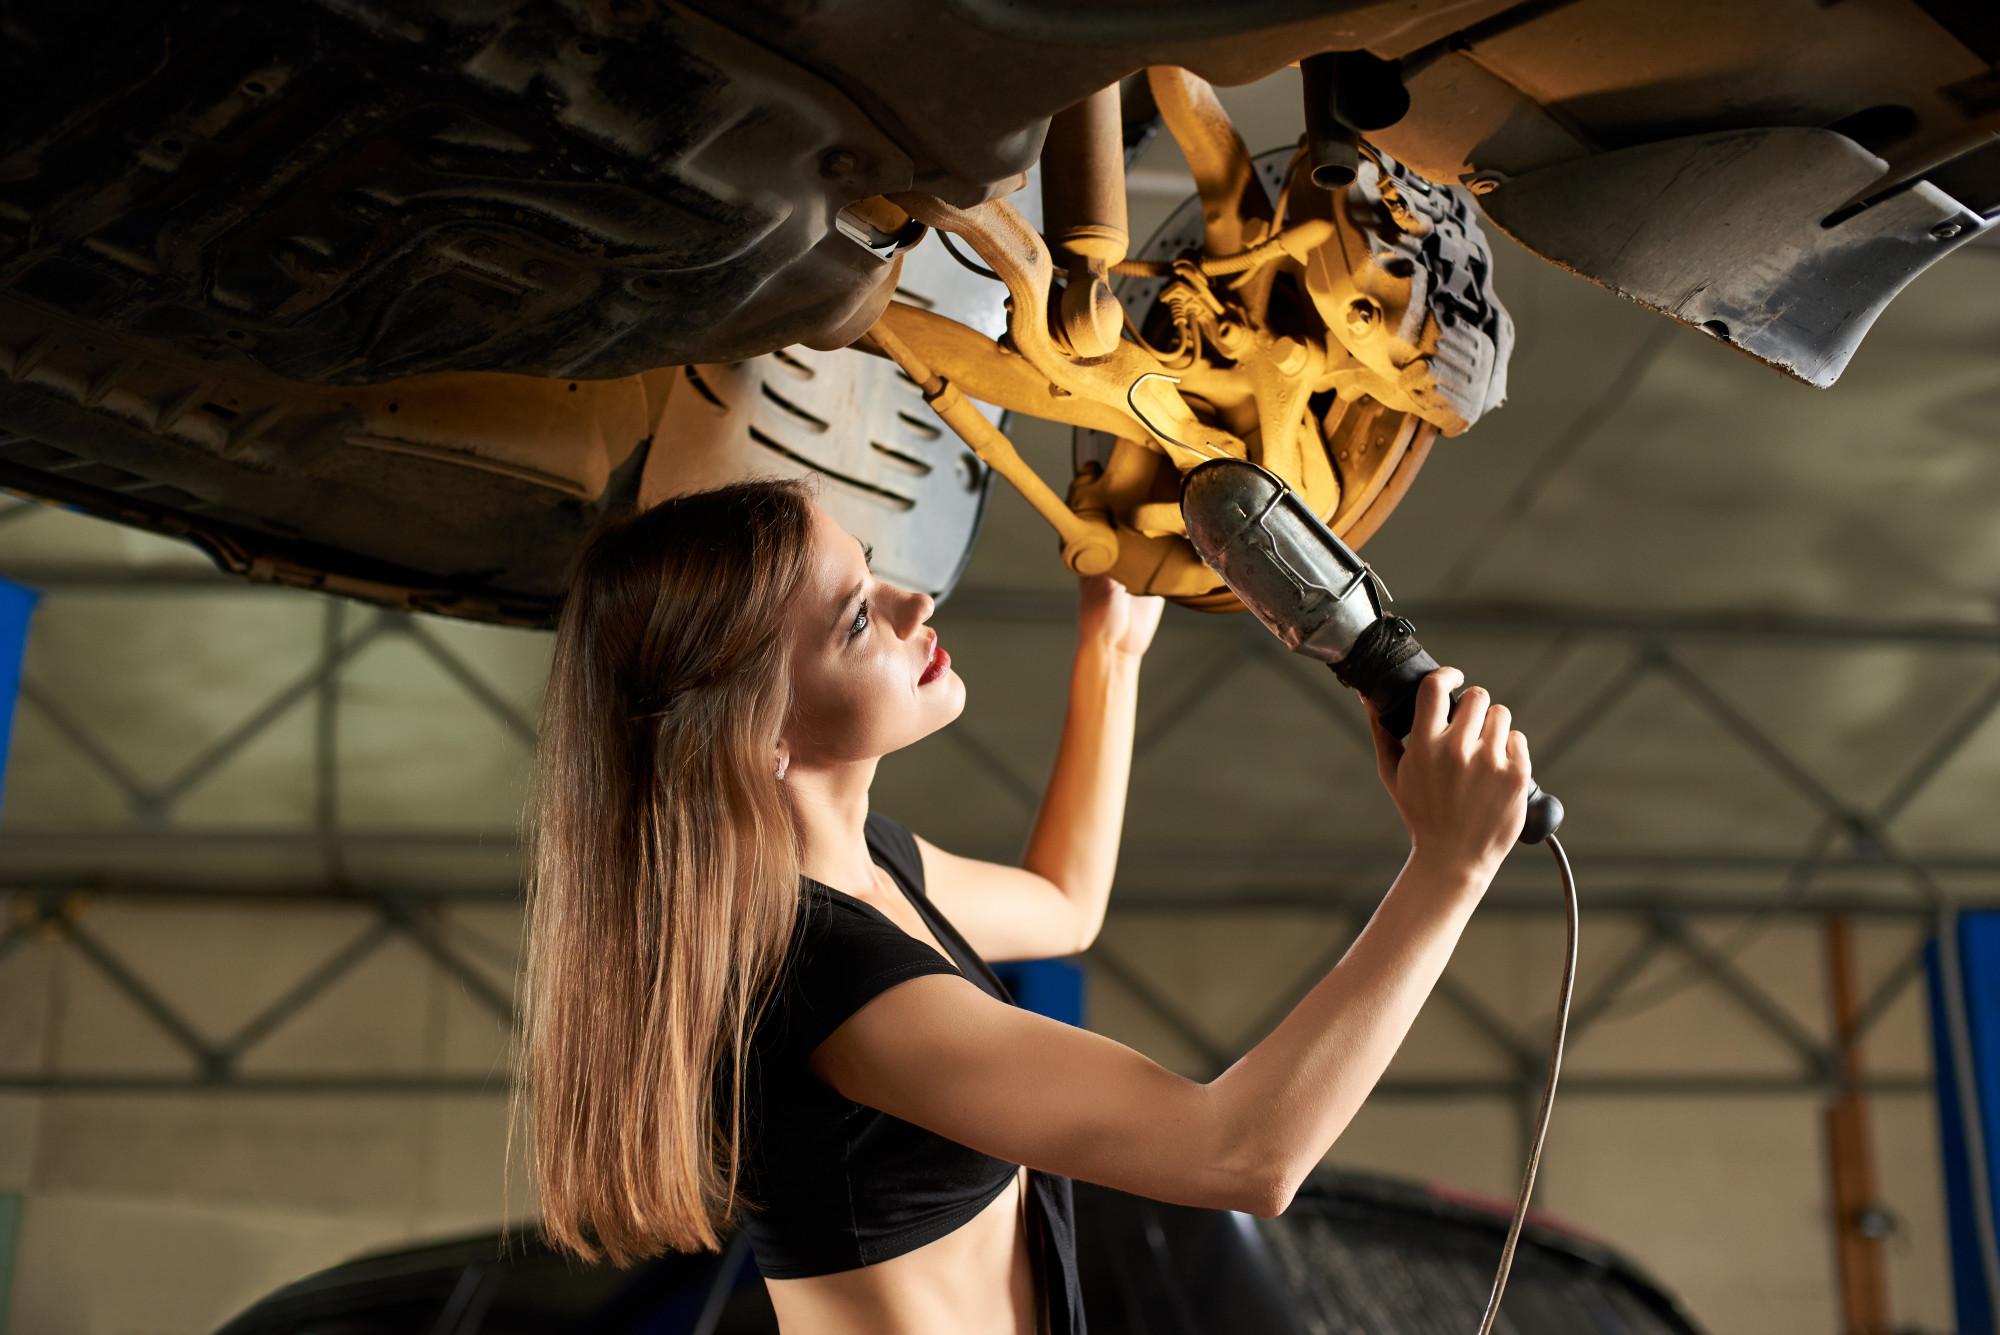 Do Lift Kits on Trucks Ruin the Towing Capability?